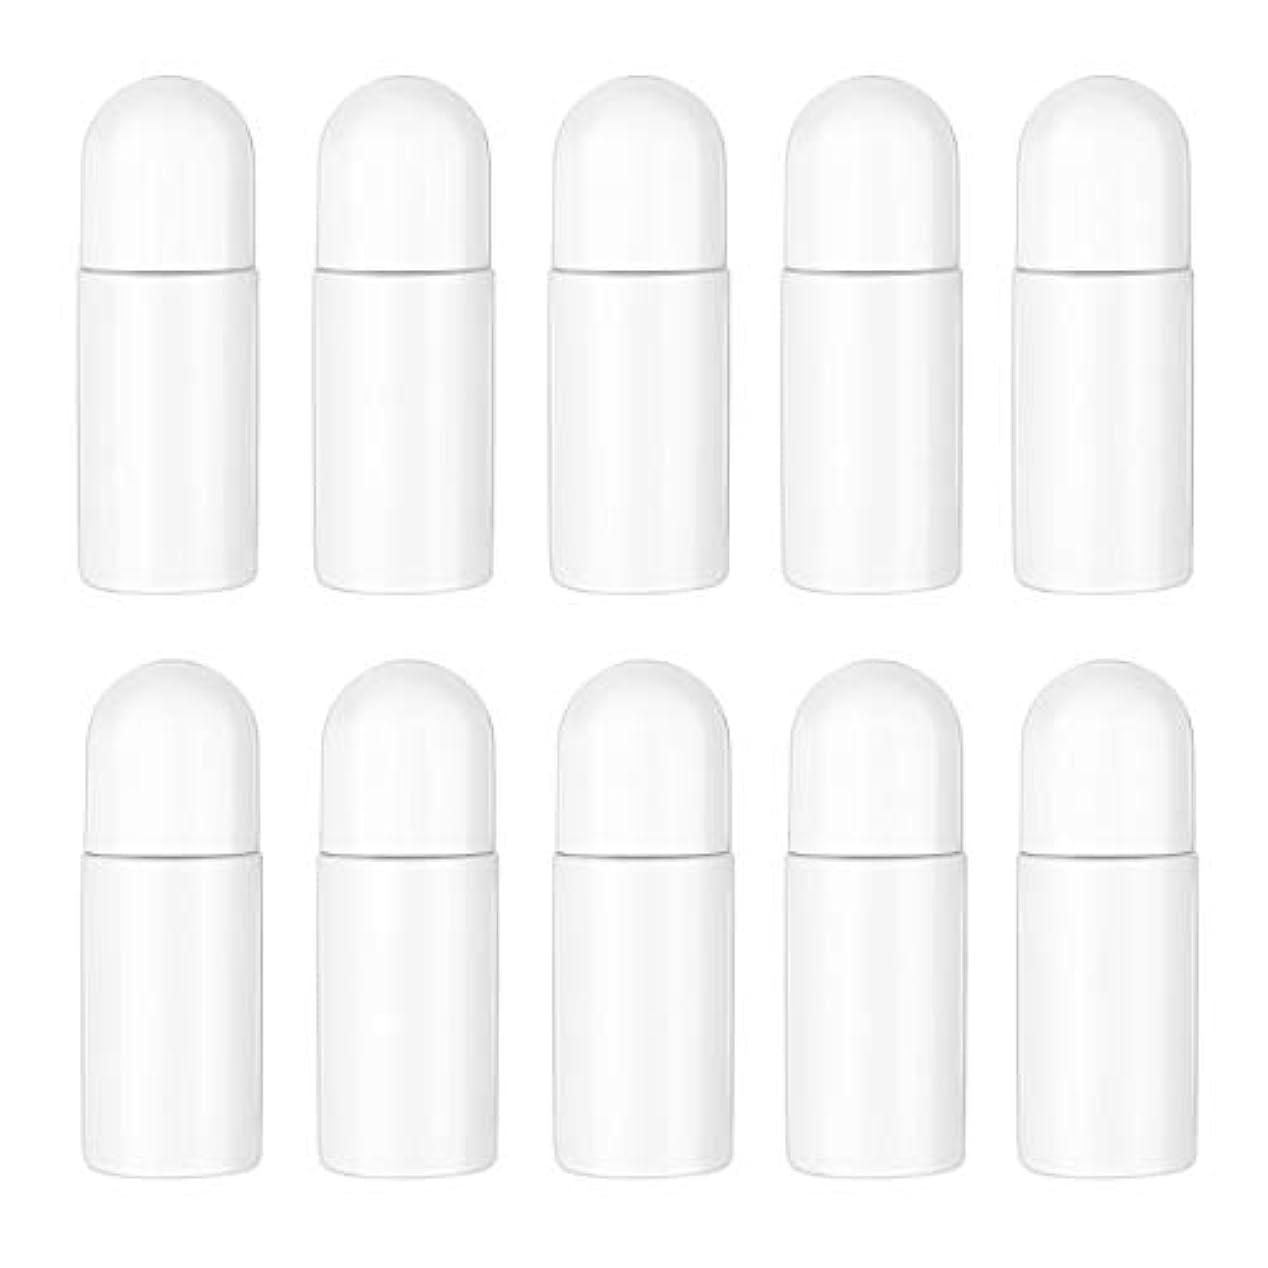 女王研究所制限するHealifty エッセンシャルオイル香水化粧品50 ml(白)の10ピースプラスチックローラーボトル空の詰め替え可能なローラーボールボトル